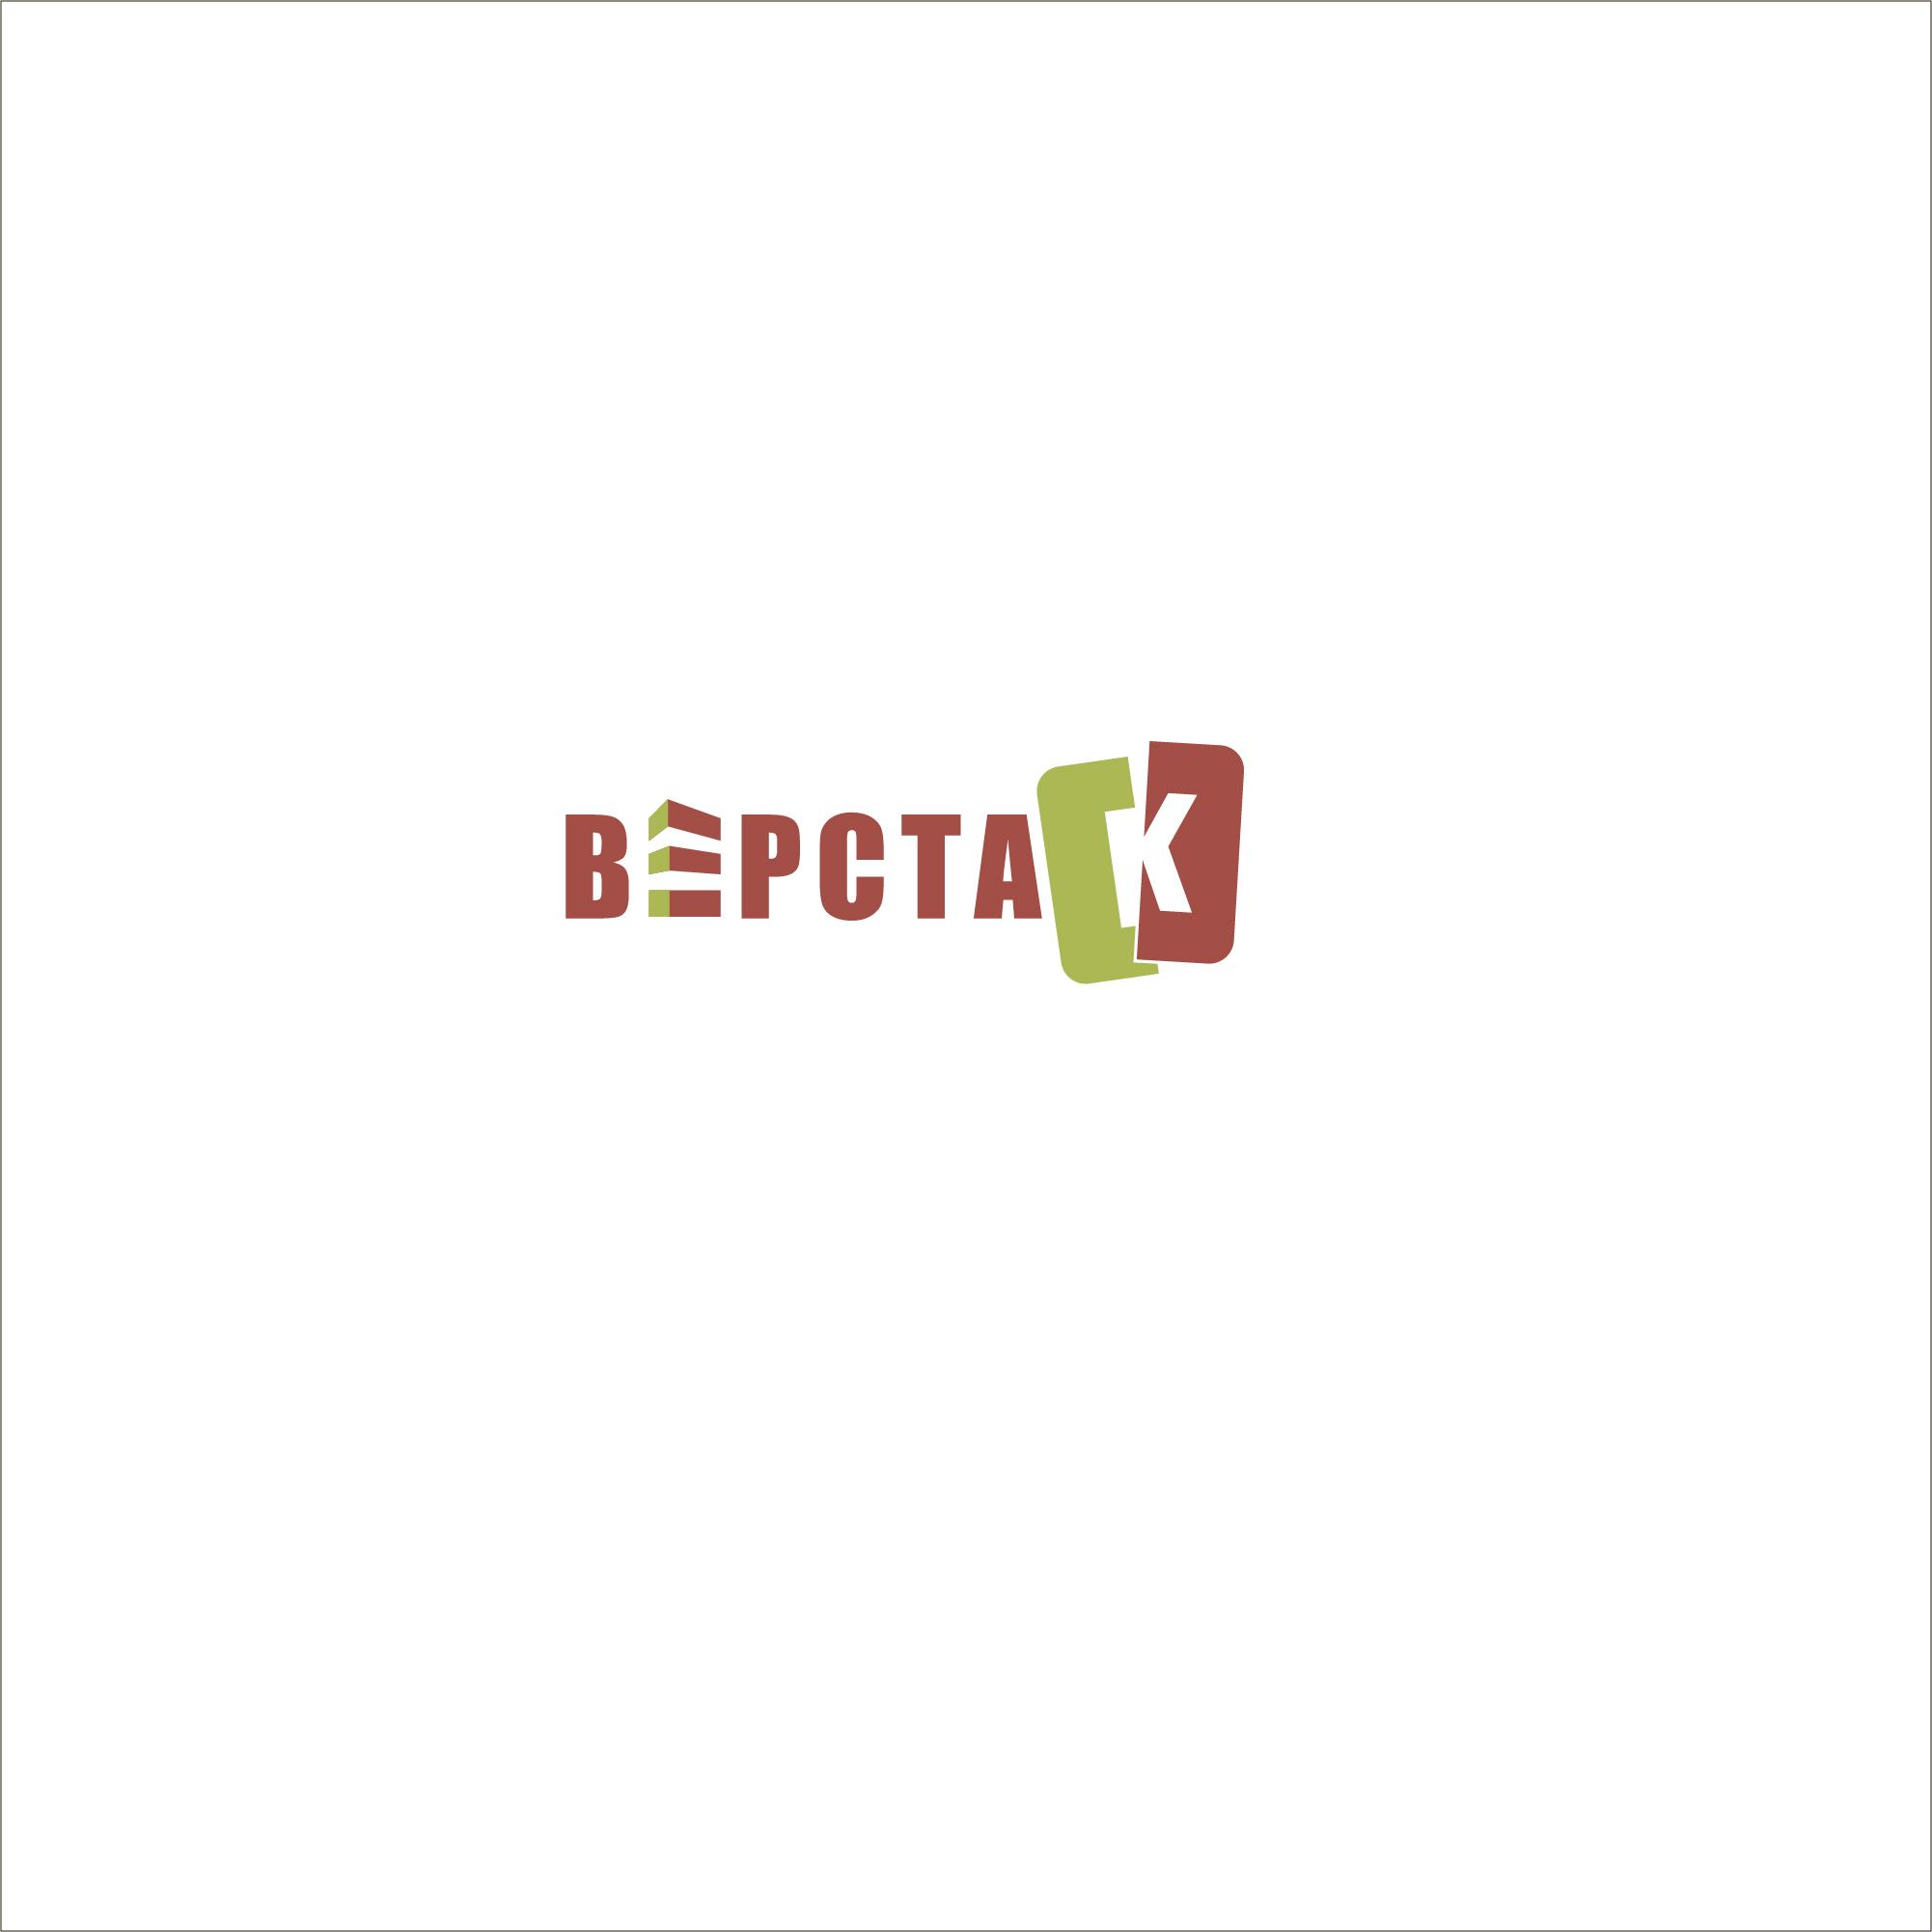 Логотип магазина бензо, электро, ручного инструмента фото f_7745a0d9fc9b6f81.jpg